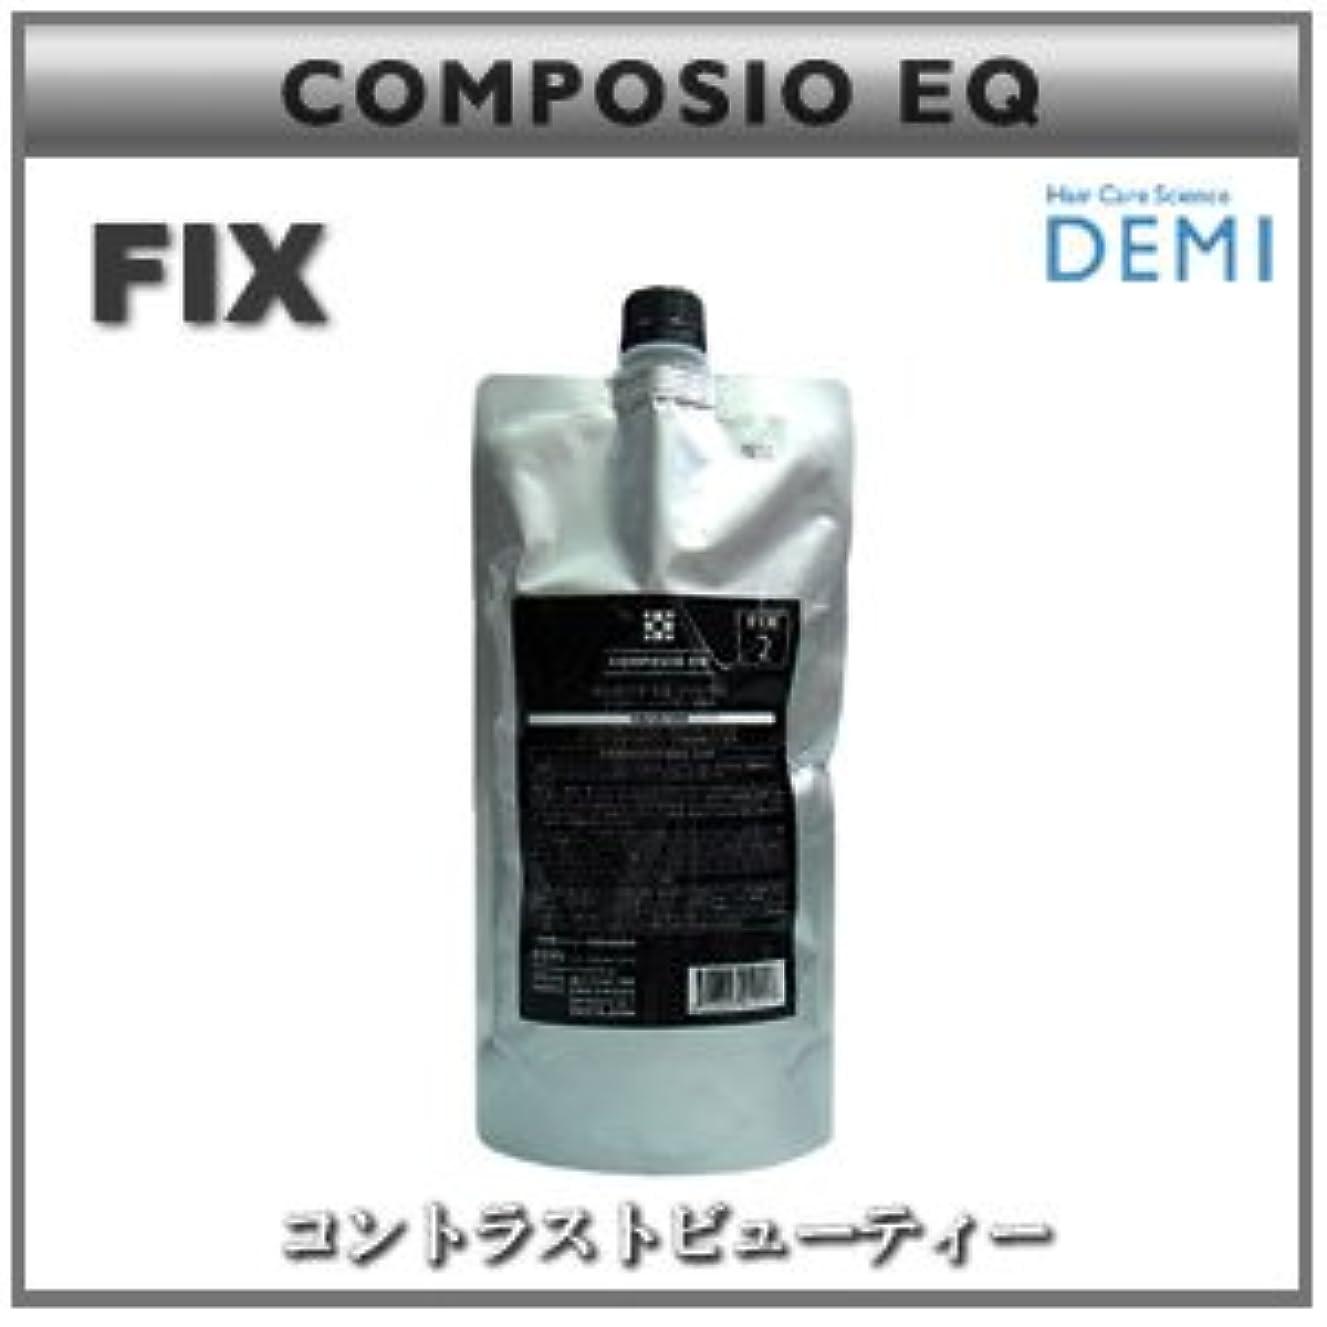 陰謀パドルノベルティ【X3個セット】 デミ コンポジオ EQ フィックス 450g